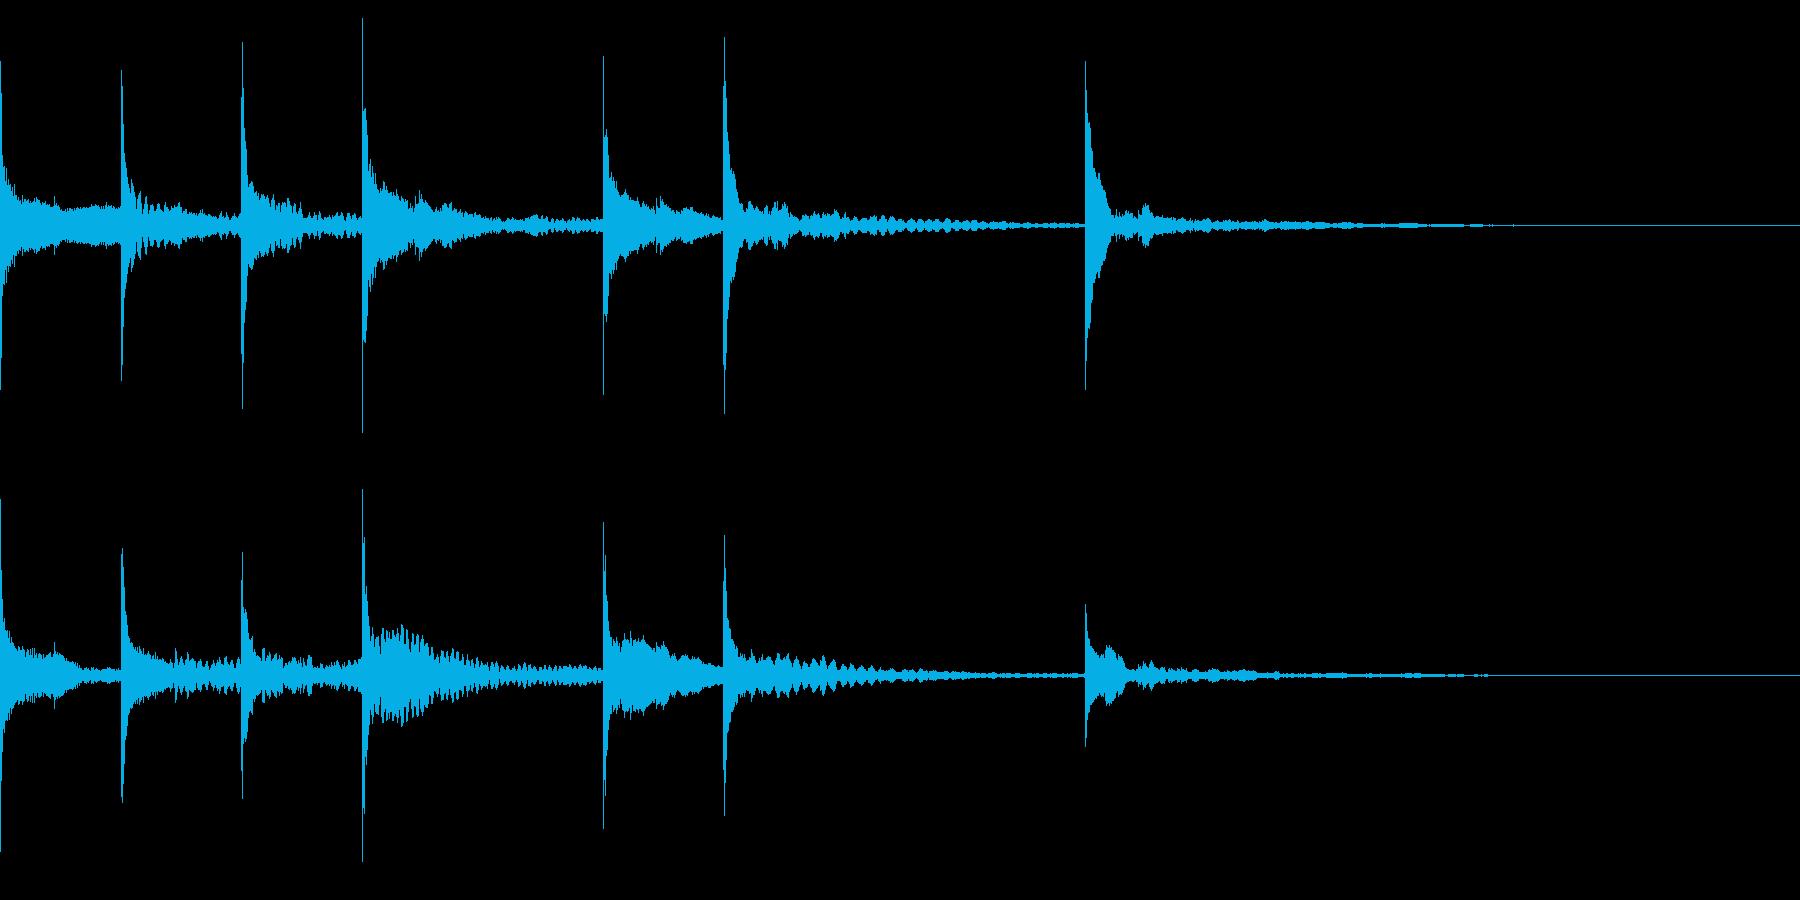 オチ、締めなどに使える可愛い木琴の音の再生済みの波形